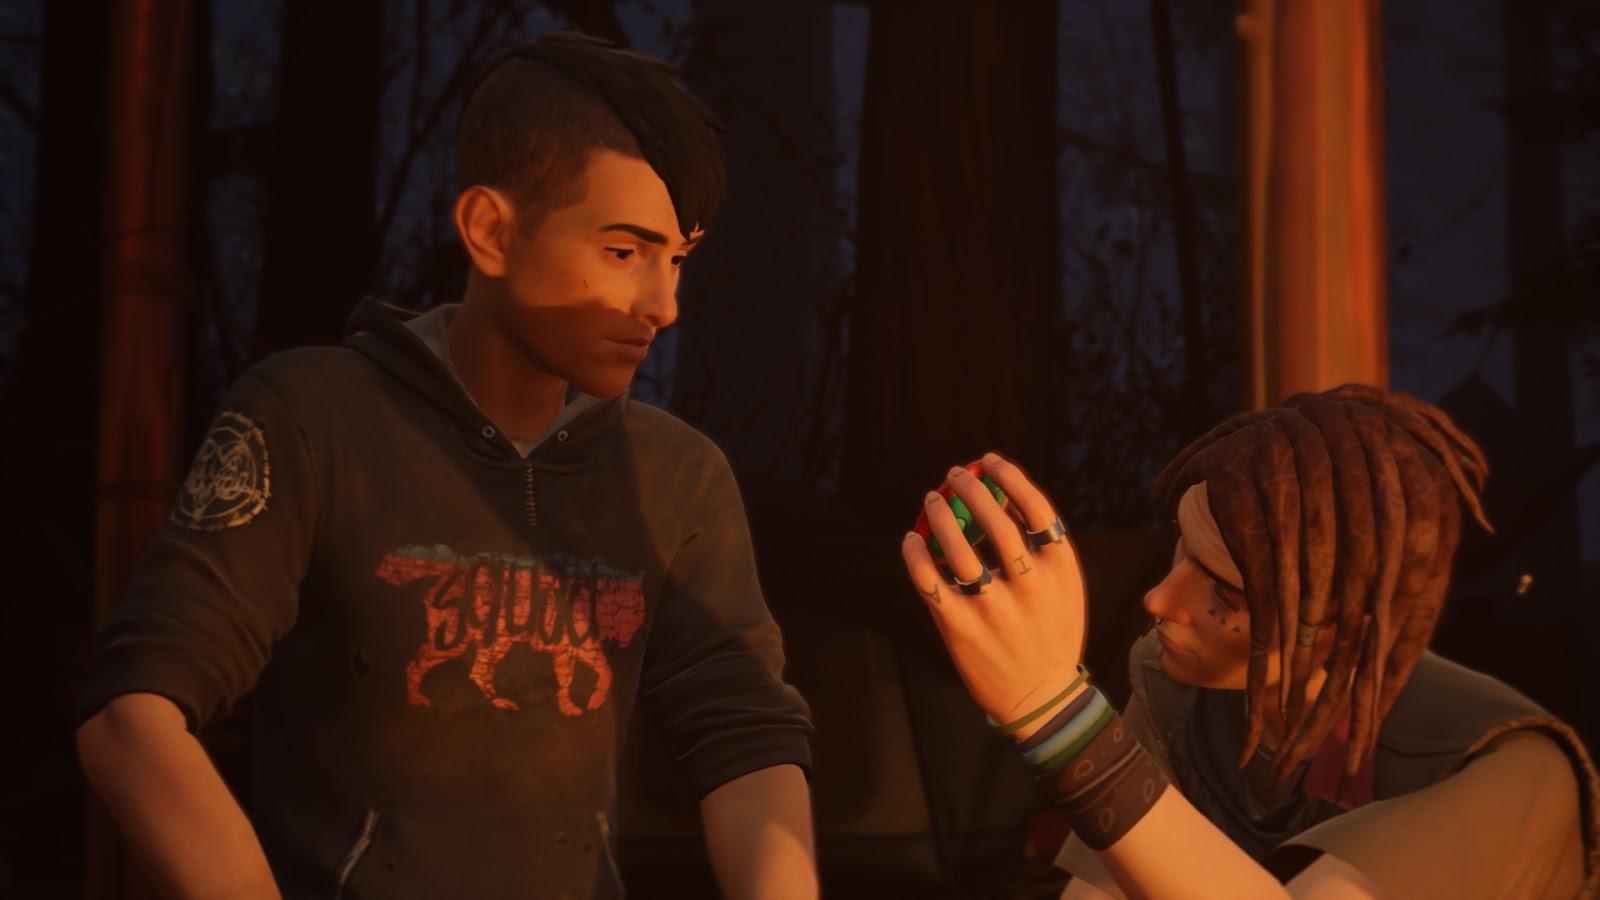 Finn tükörben mutatja a végeredményt Sean-nak, miután levágta a haját.